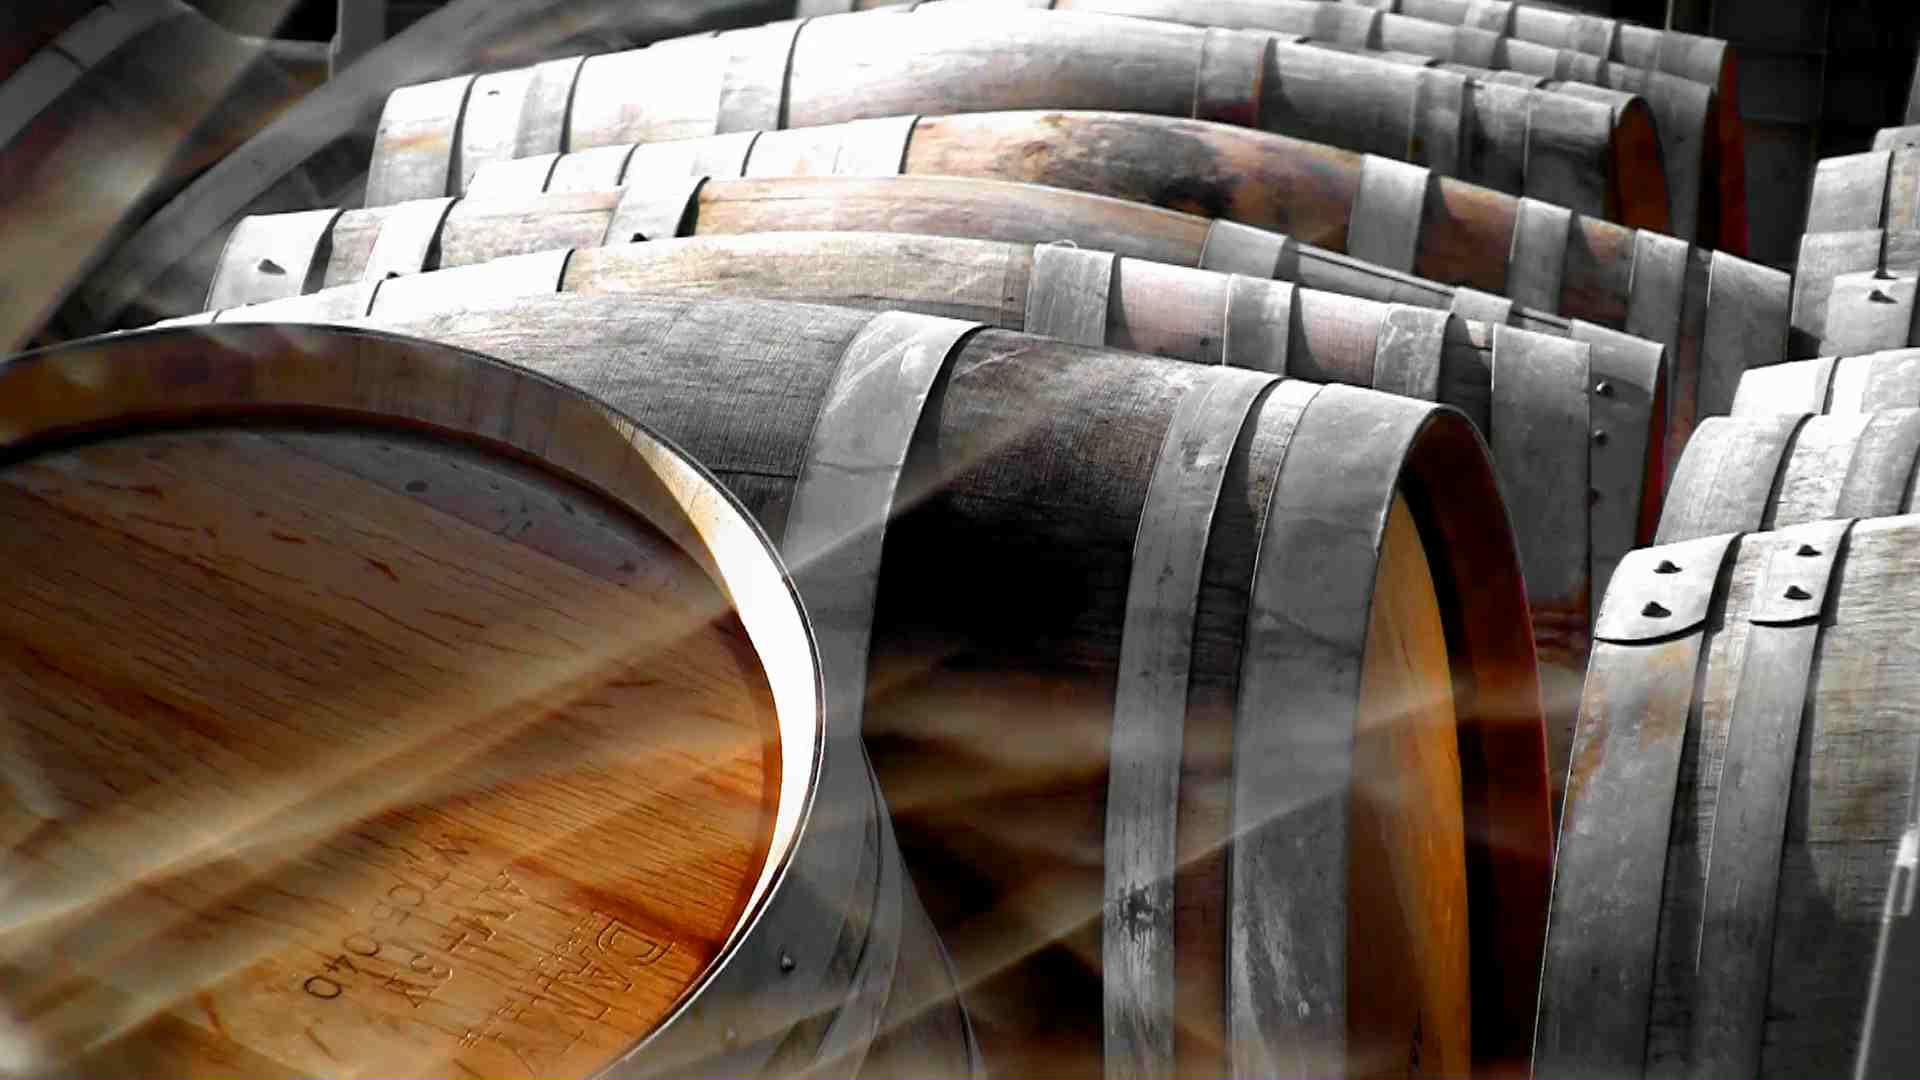 Wine Barrel Wallpaper - WallpaperSafari